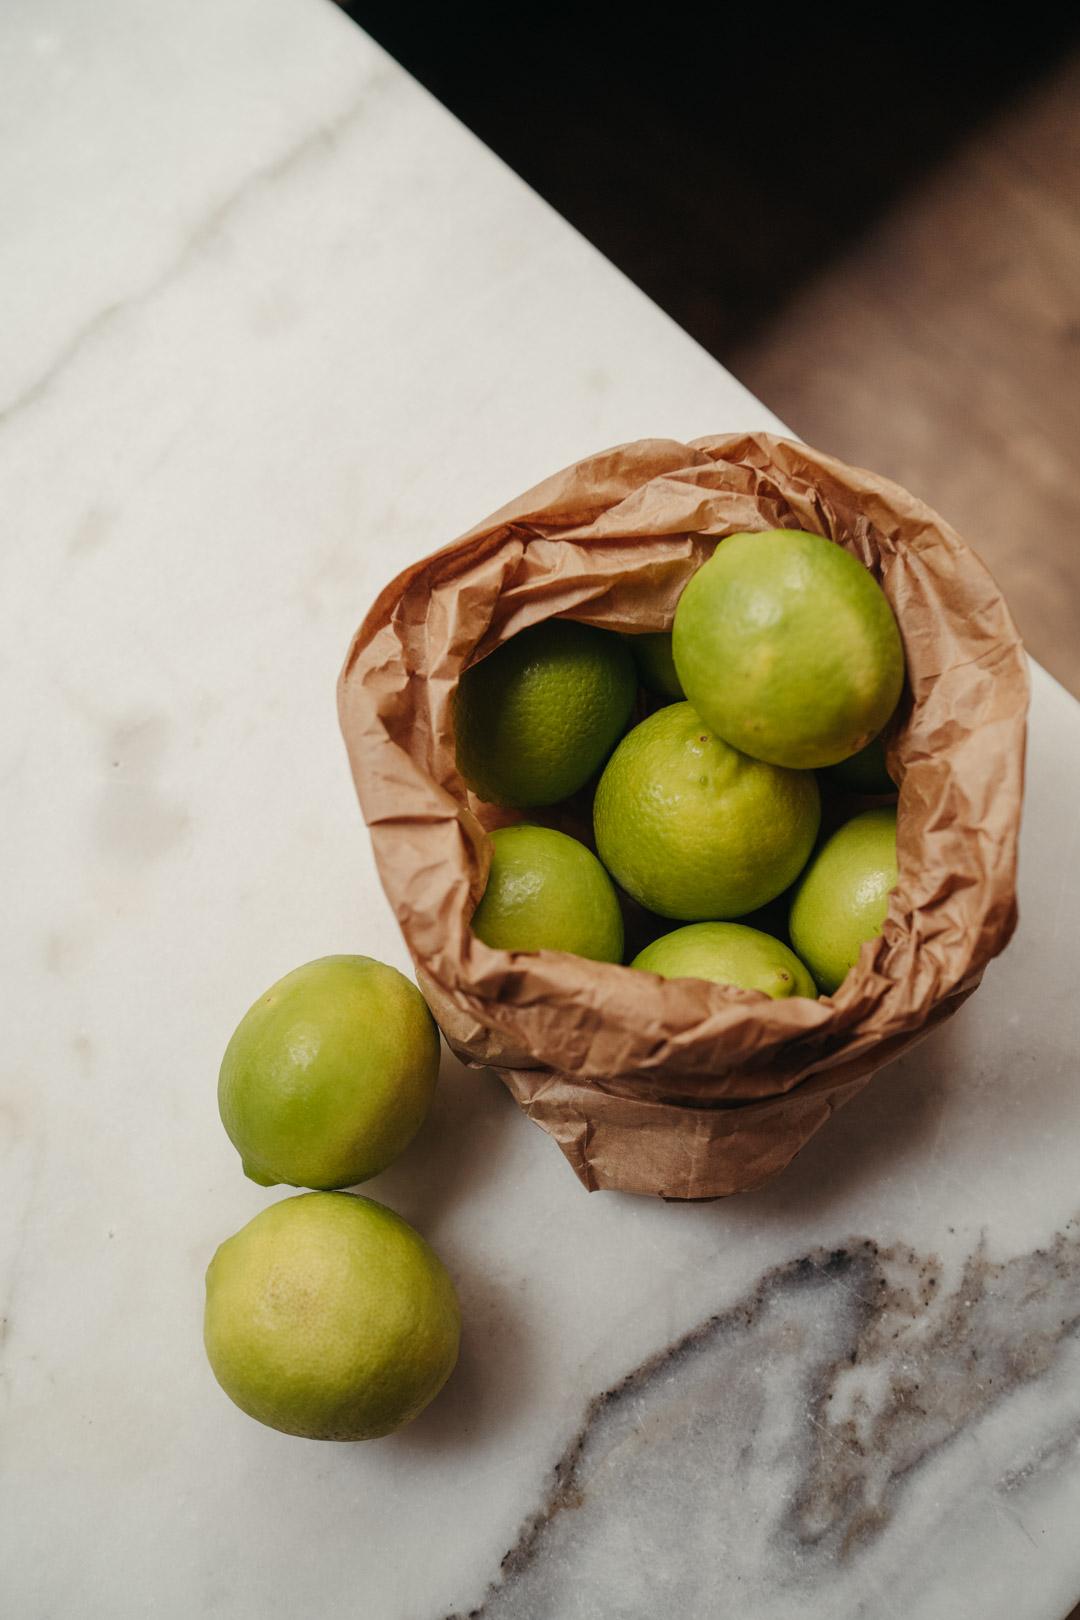 Cuisiner les agrumes, par Les Résistants